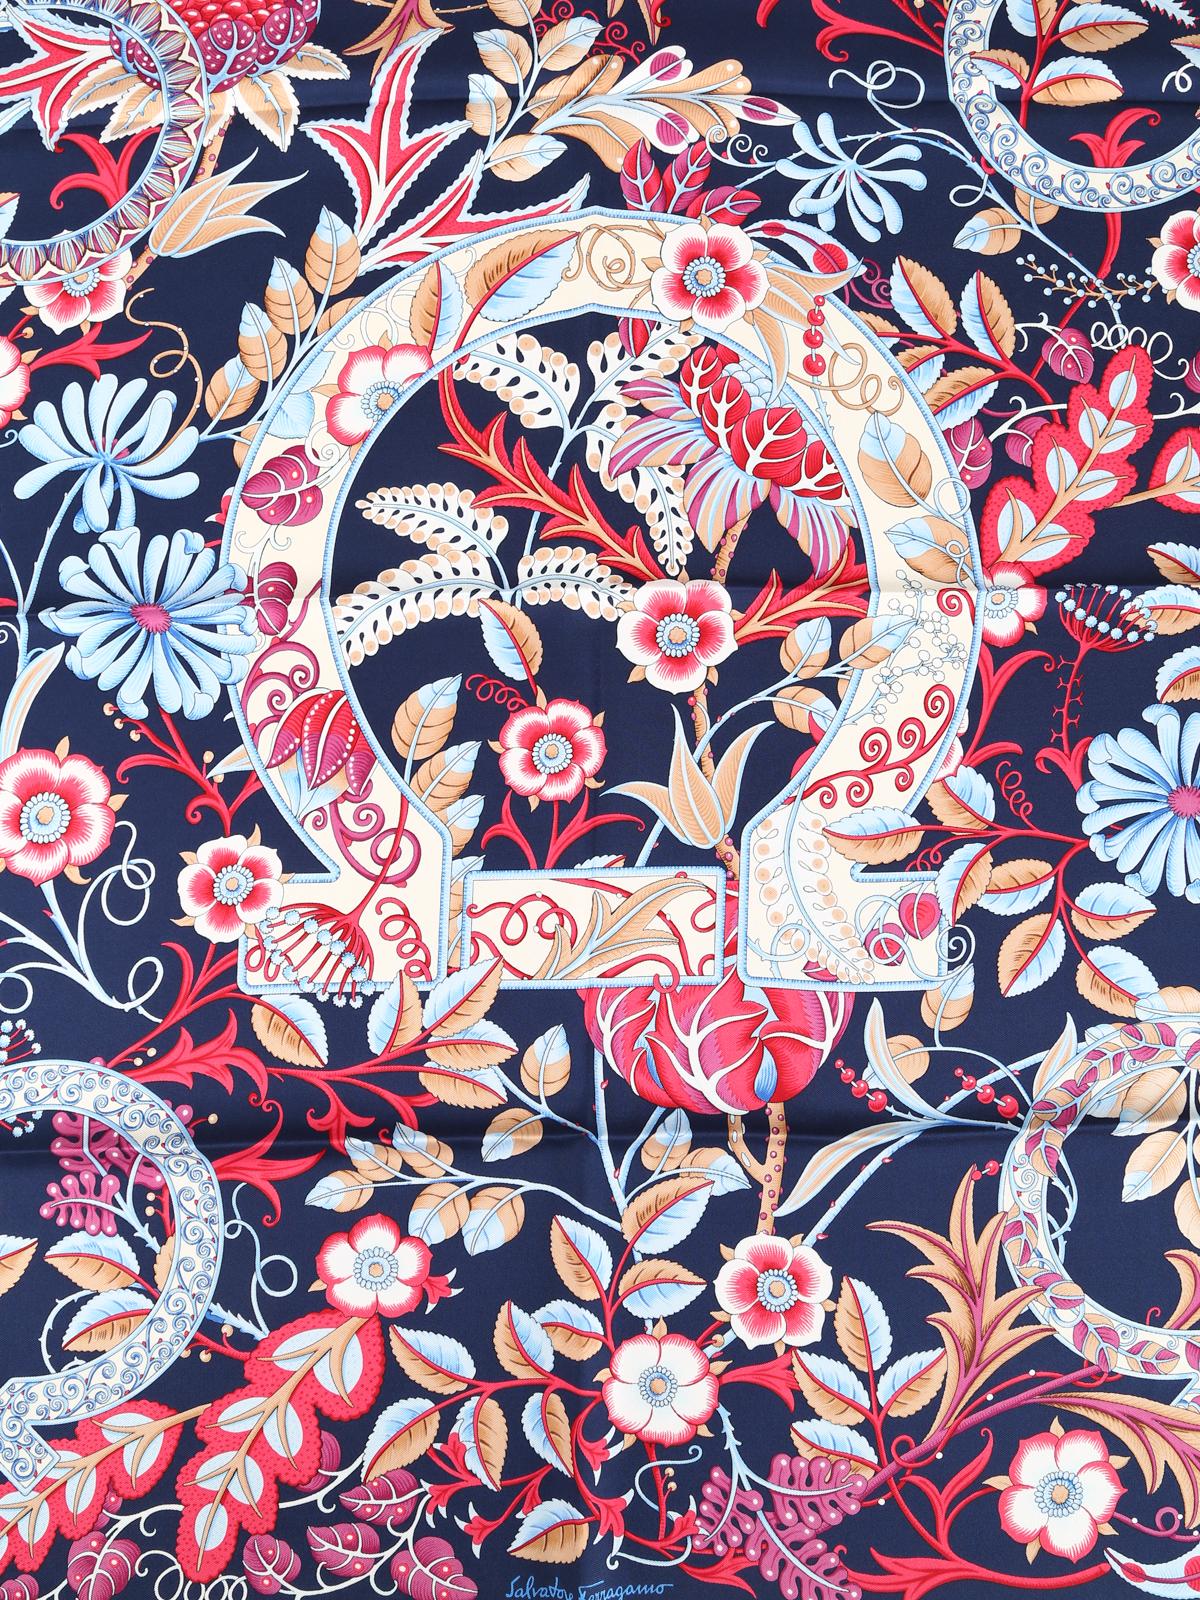 b89947f107abb Salvatore Ferragamo - Floral Gancini silk scarf - scarves - 31783 706697